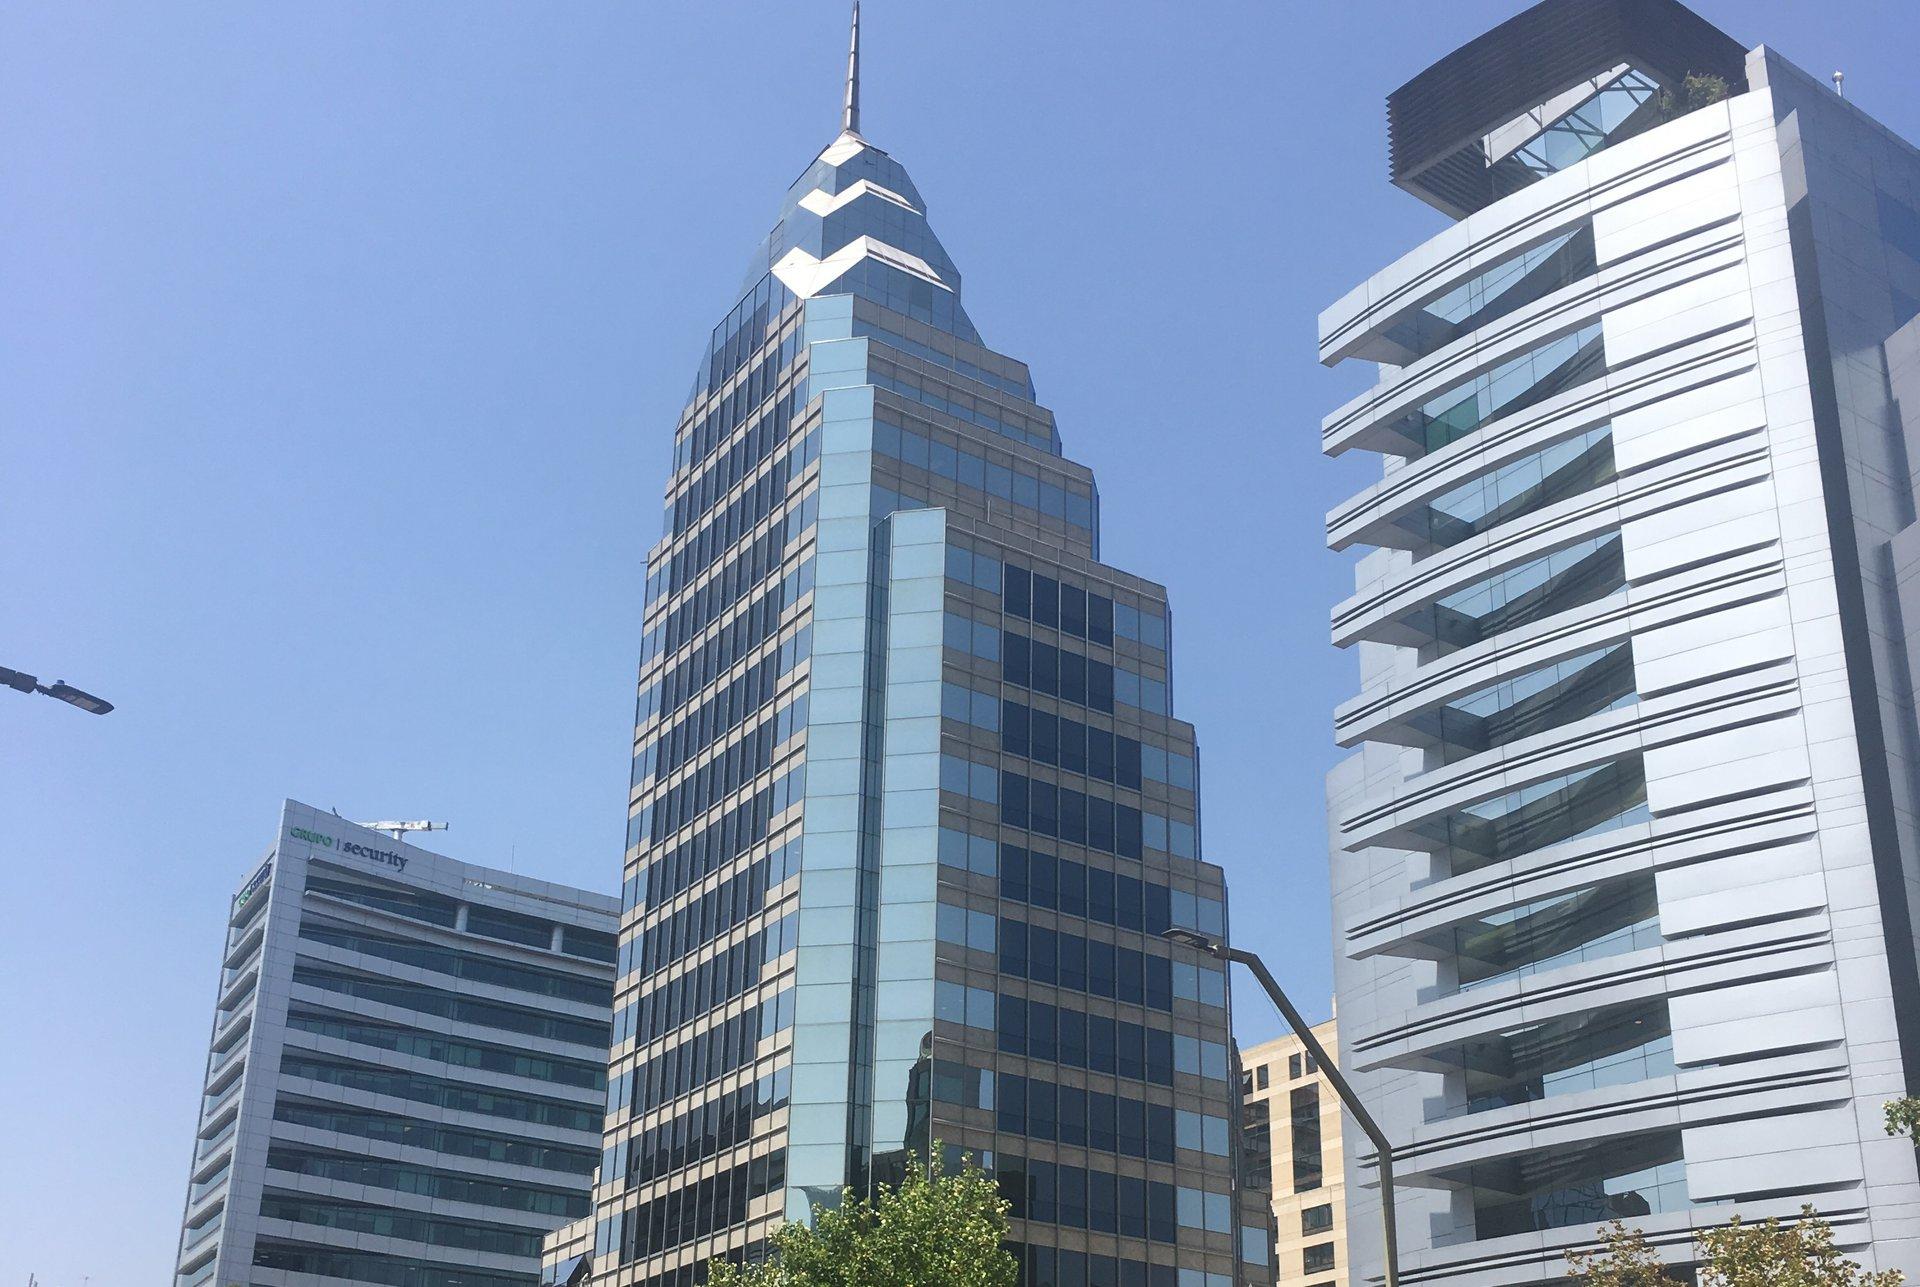 Высотка, похожая на Chrysler Building (Крайслер-Билдинг в США)